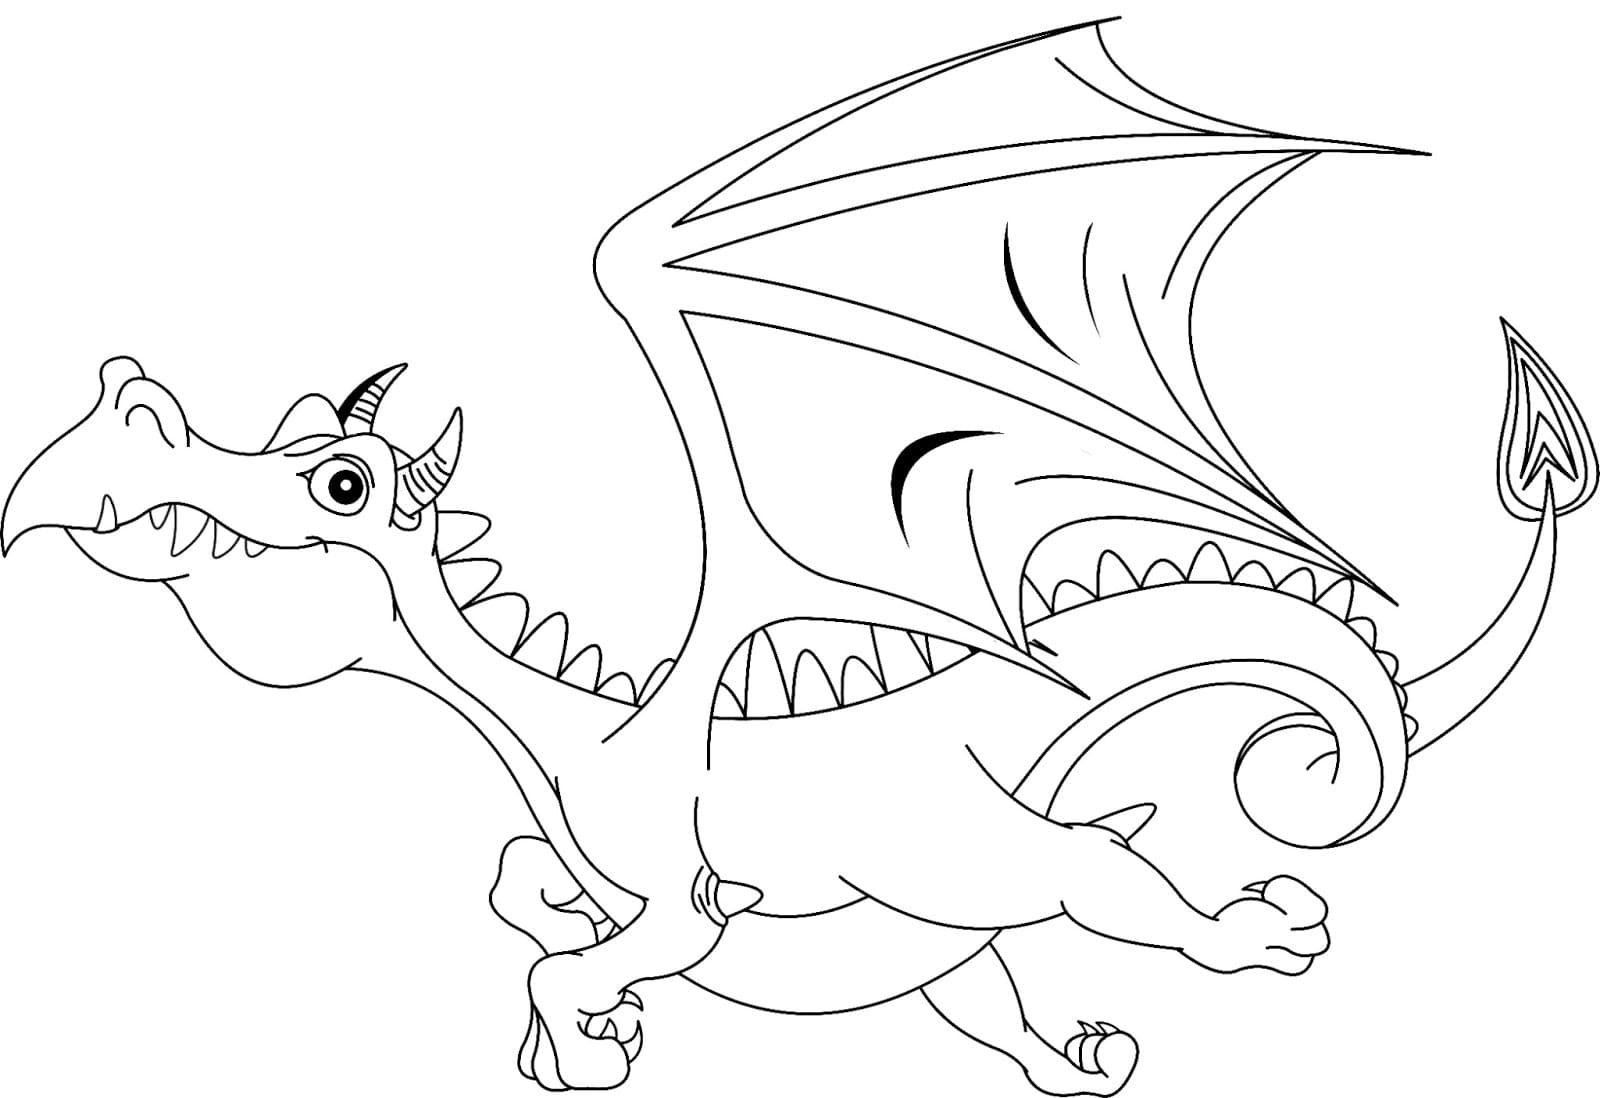 Раскраска дракон, распечатать бесплатно